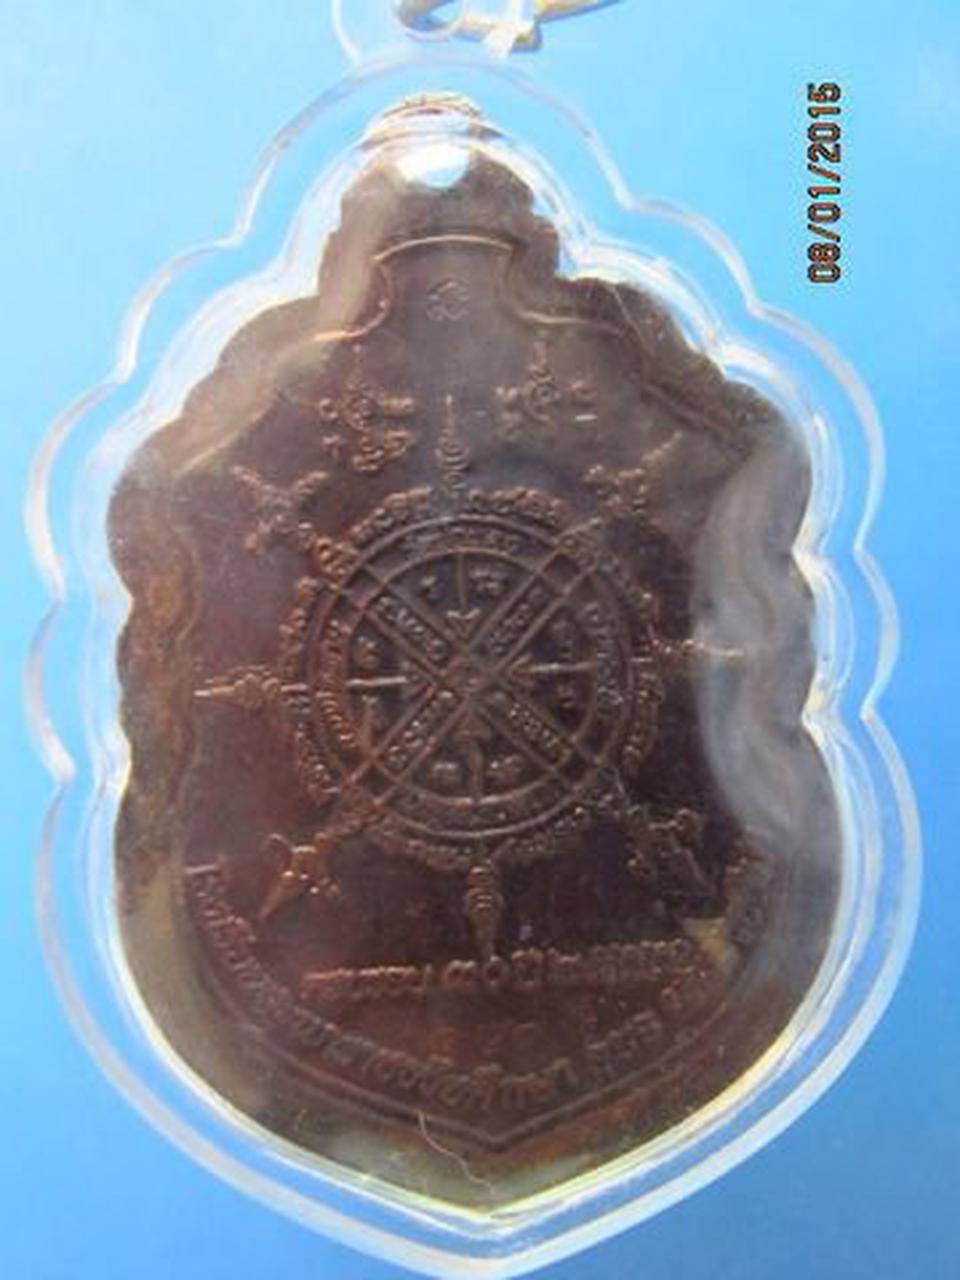 1030 หลวงปู่บุญ วัดปอแดง ครบรอบ 30 ปี ปี 2555 จ.นครราชสีมา  รูปที่ 1